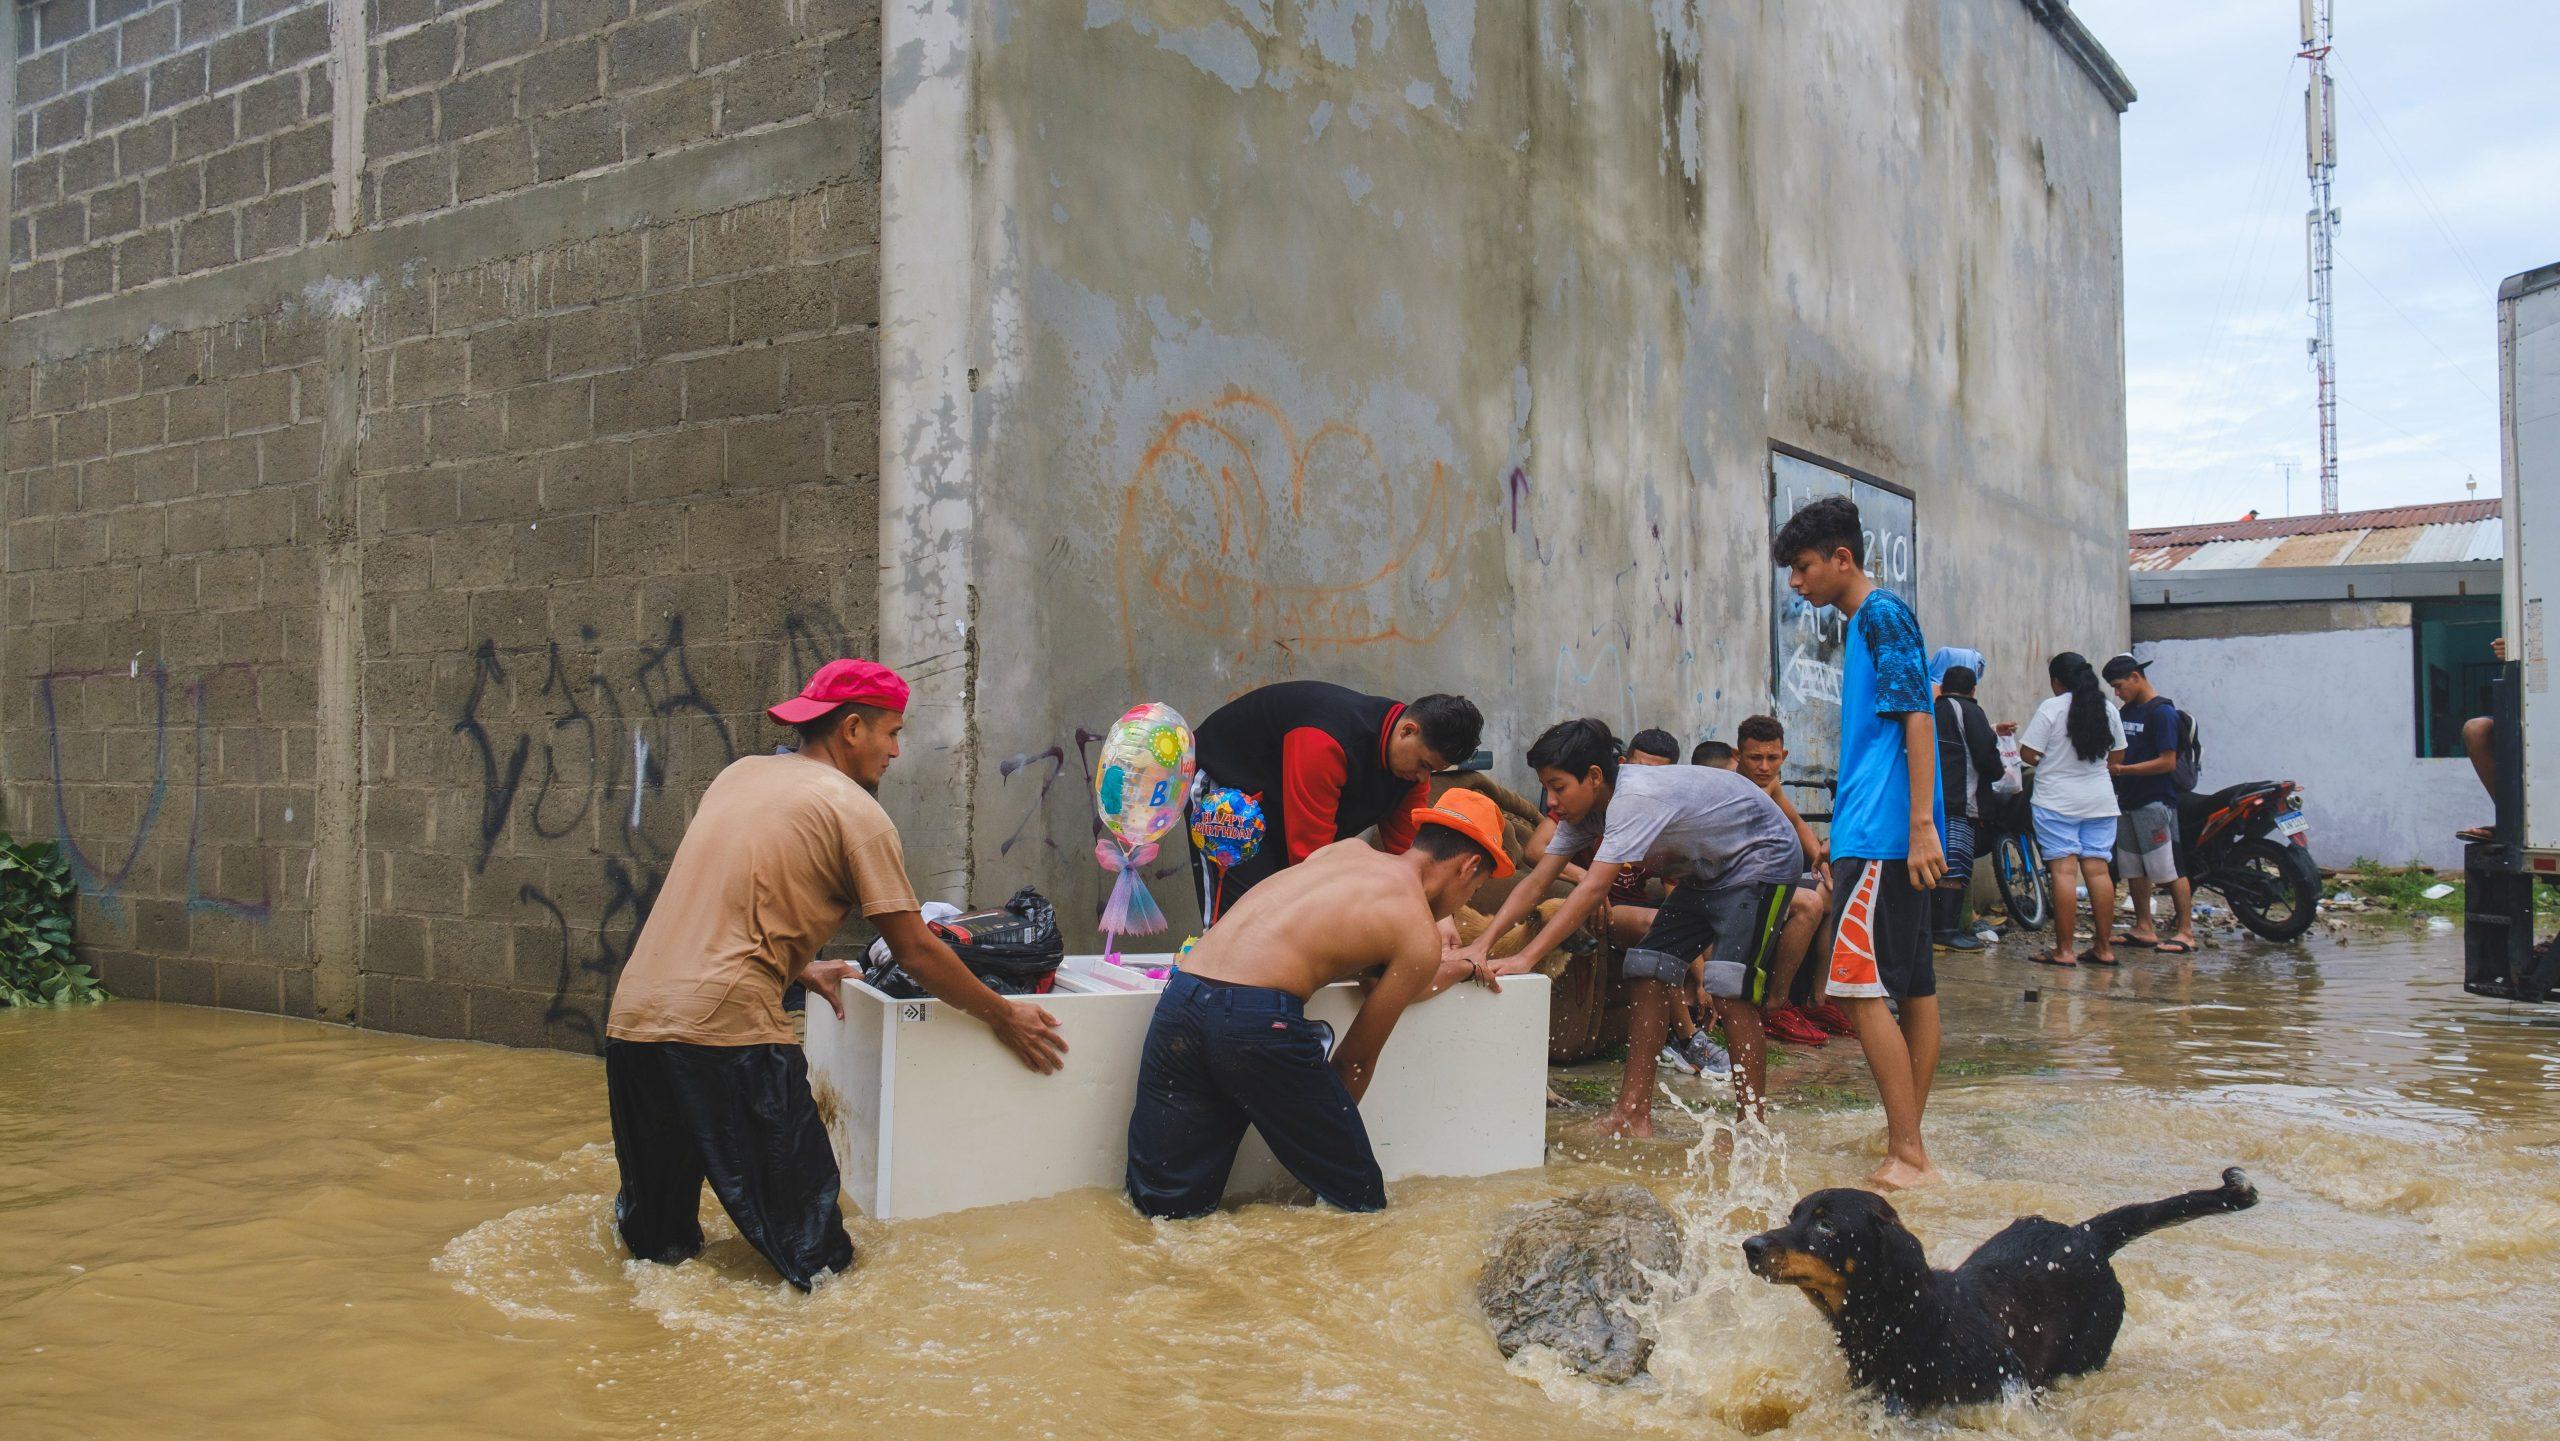 Muchos se prestaron como voluntarios para rescatar las pertenencias de sus vecinos en las colonias inundadas. 6 de noviembre de 2020. Foto: Deiby Yanes.